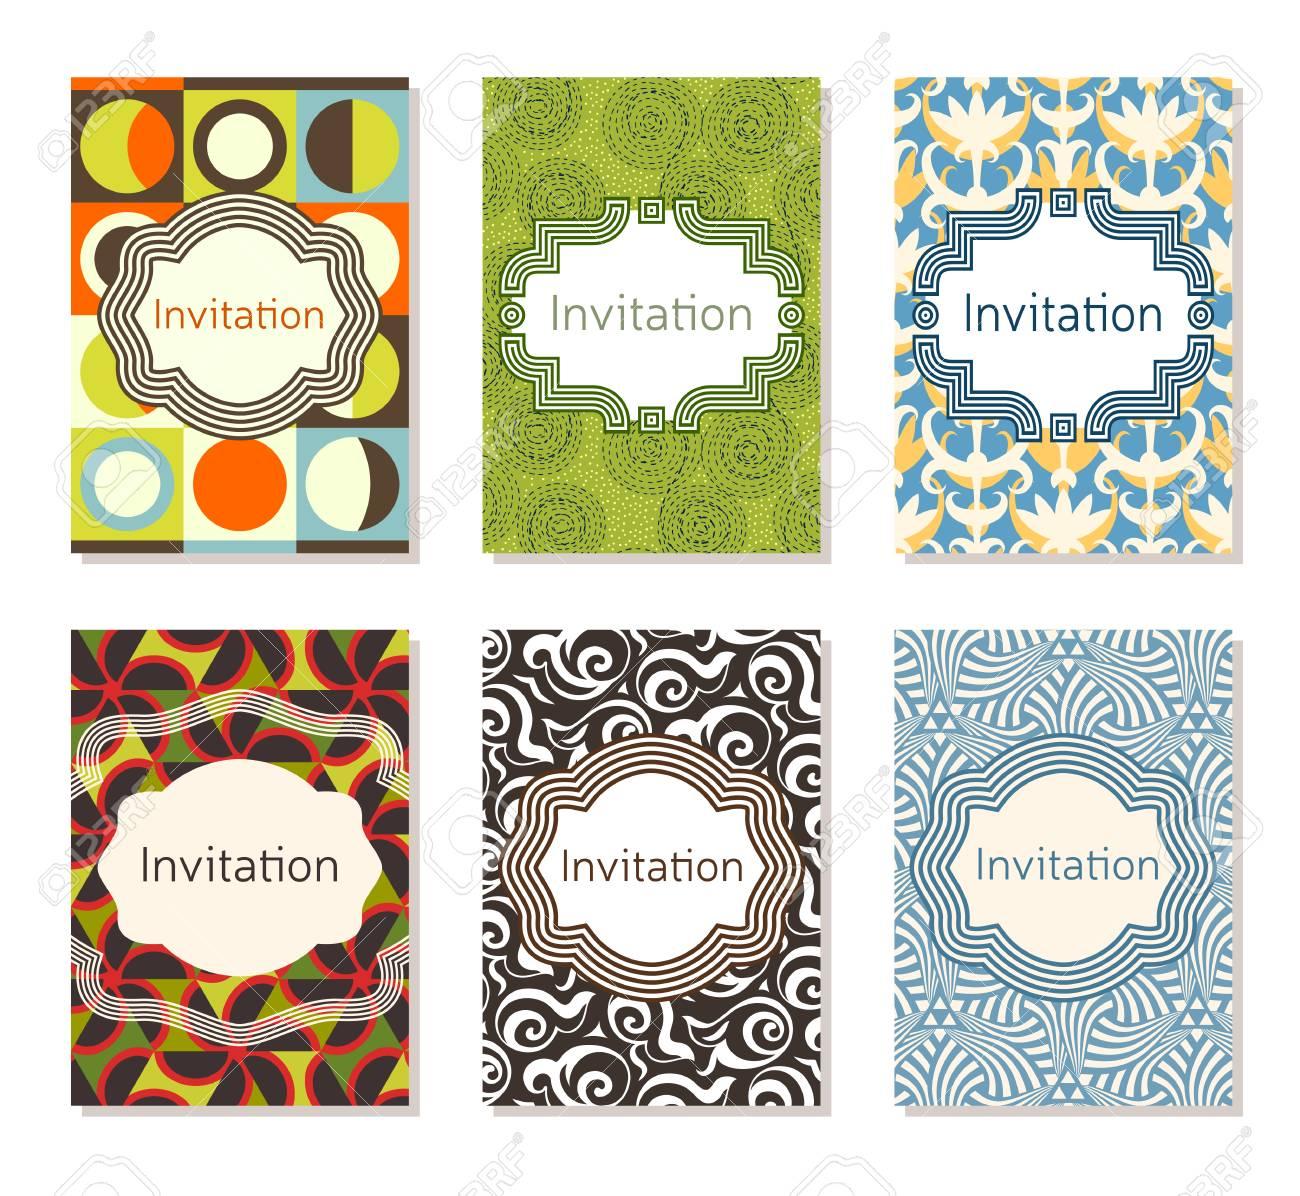 Conjunto De Plantillas De Diseño De Tarjetas De Invitación Diseño Editable Para Cumpleaños Invitación De Fiesta Boda Baby Shower Día De San